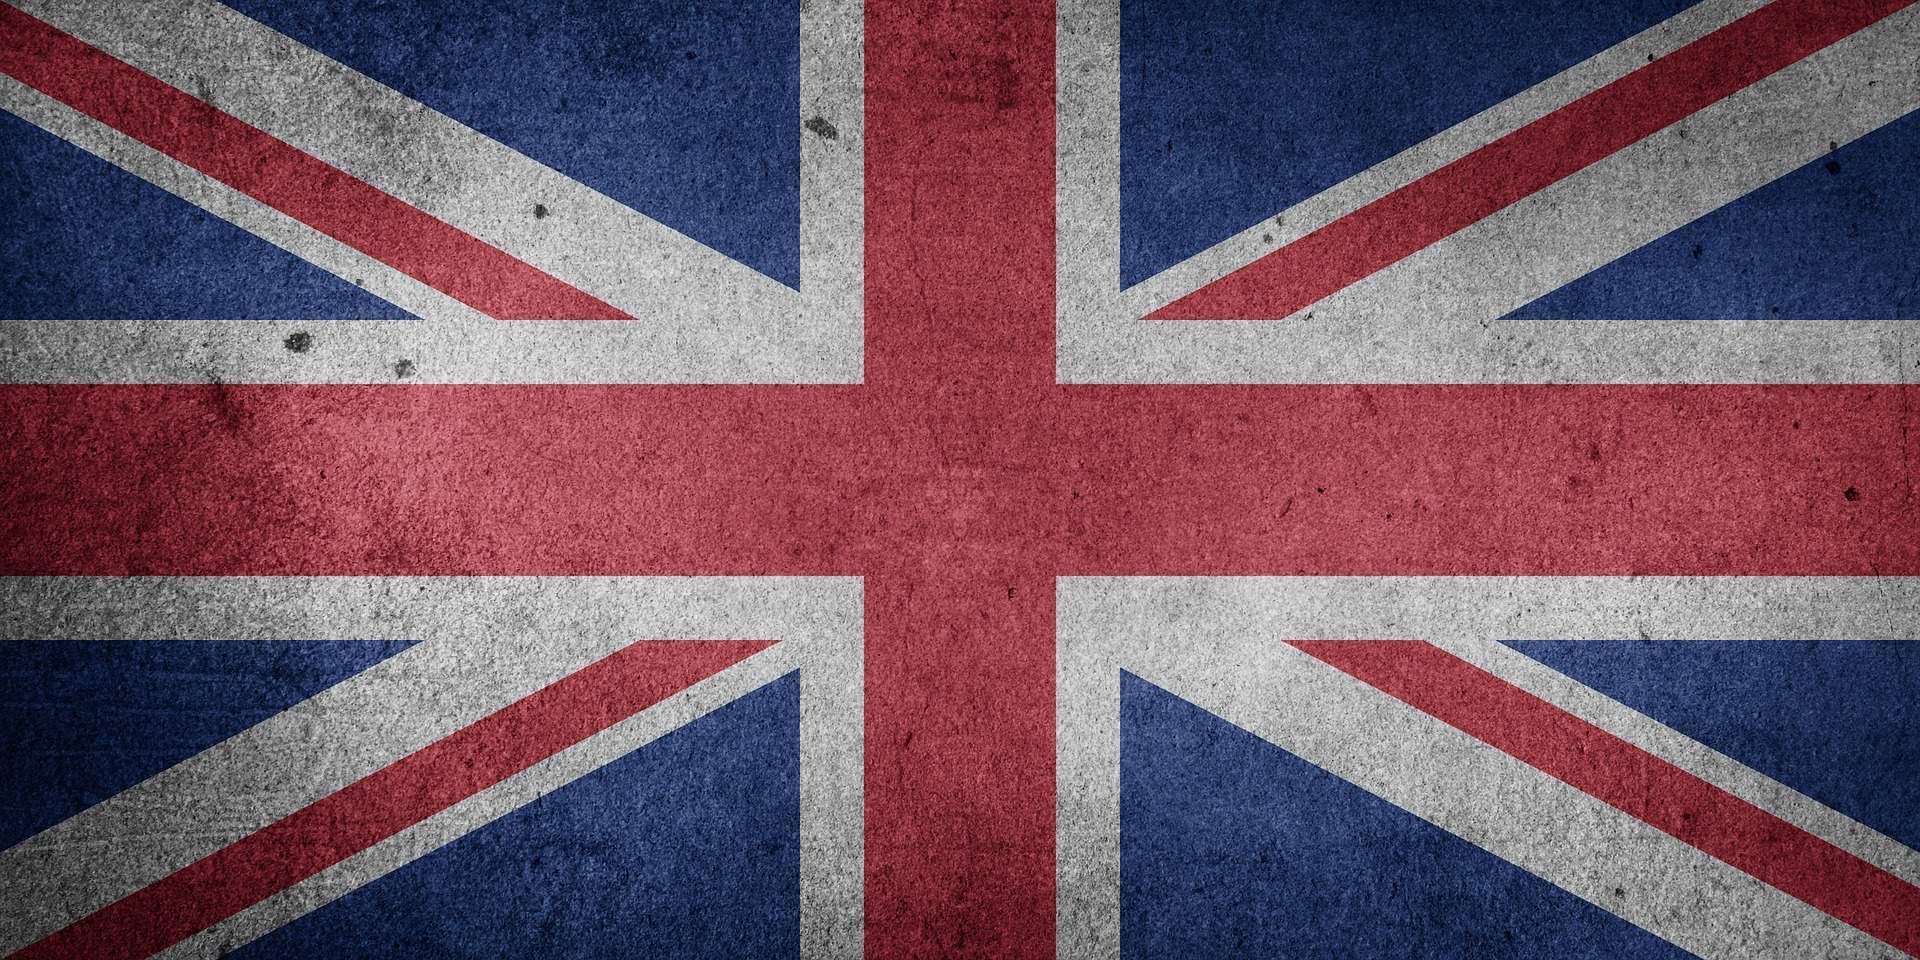 Union Jack UK Flag British Flag